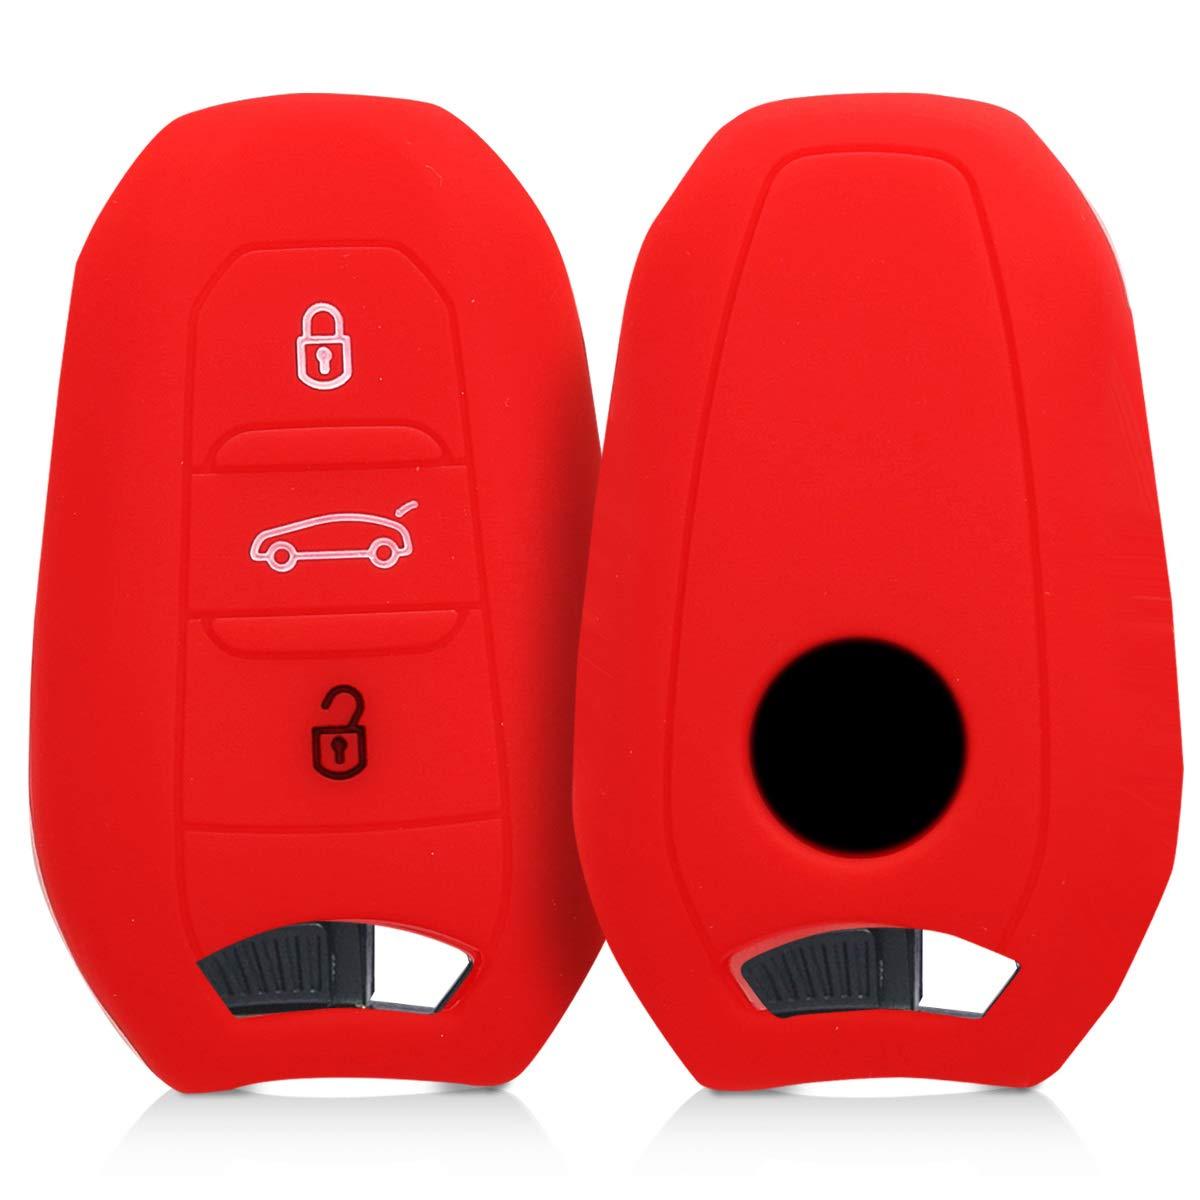 Keyless Go Custodia per Chiave Peugeot Citroen con 3 Tasti Smartkey Guscio Protettivo coprichiave in Morbido Silicone TPU kwmobile Cover Chiave Auto Peugeot Citroen